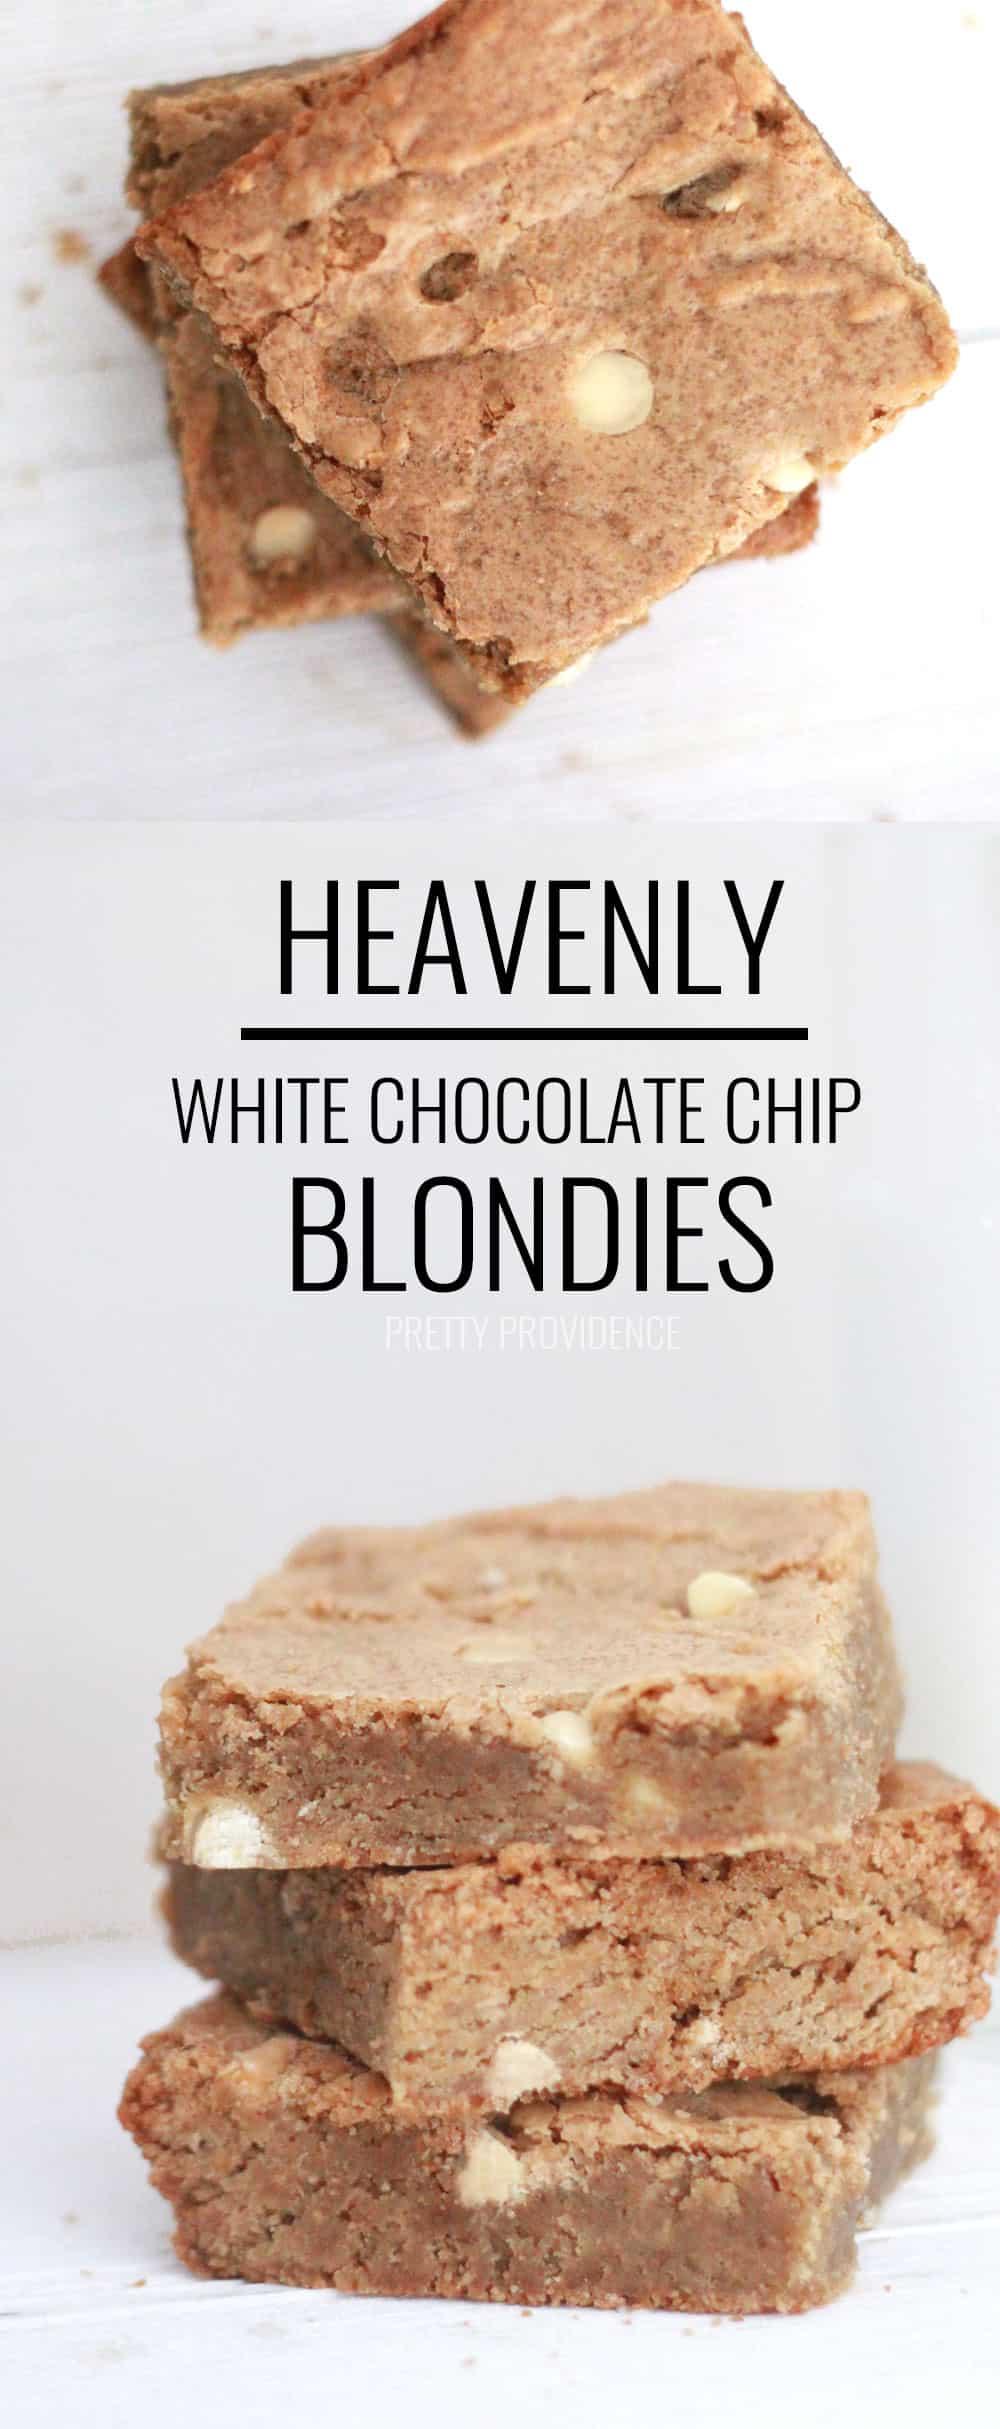 White Chocolate Chip Blondie Recipe